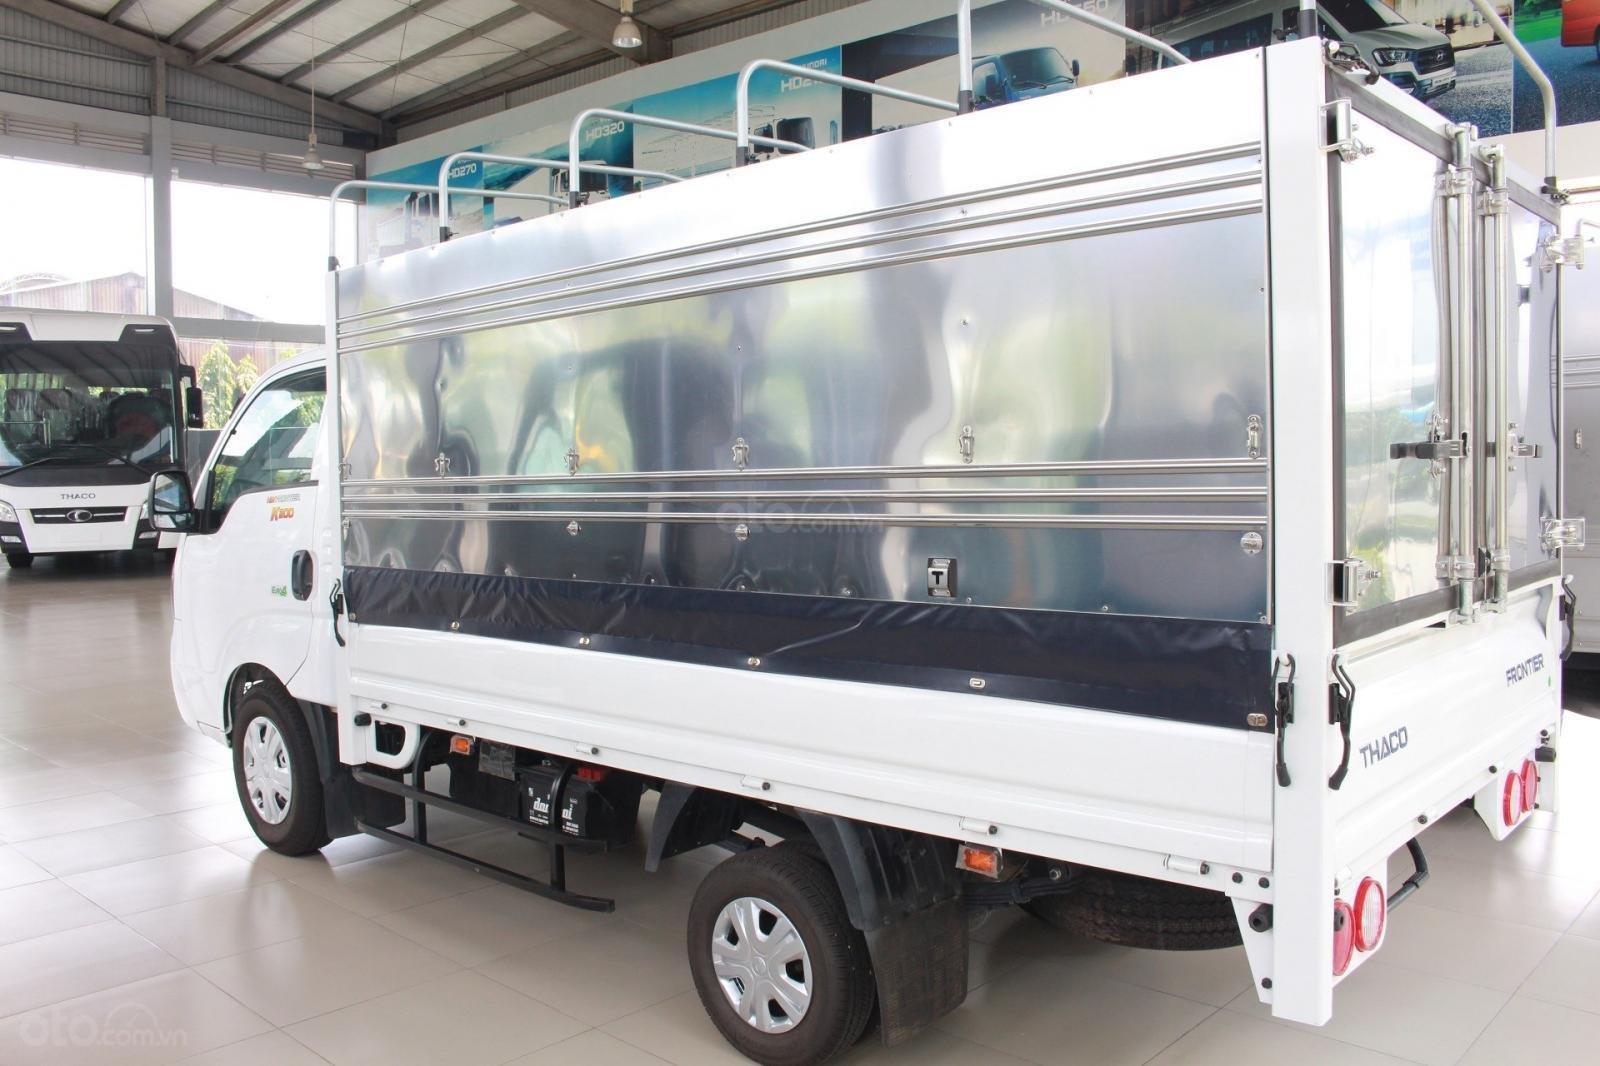 Bán xe Kia K200 đời 2019 tiêu chuẩn Euro4, giá cực ưu đãi (2)